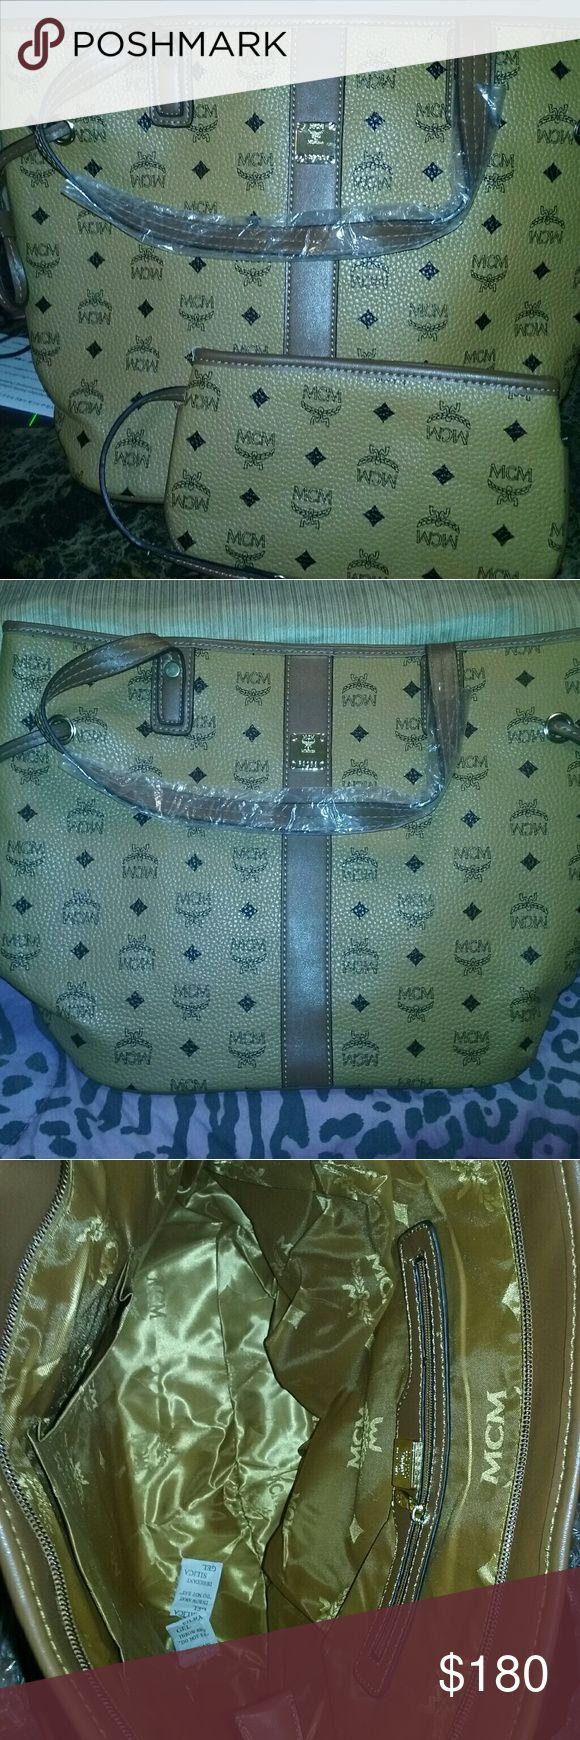 Mcm handbag Brown handbag MCM Bags